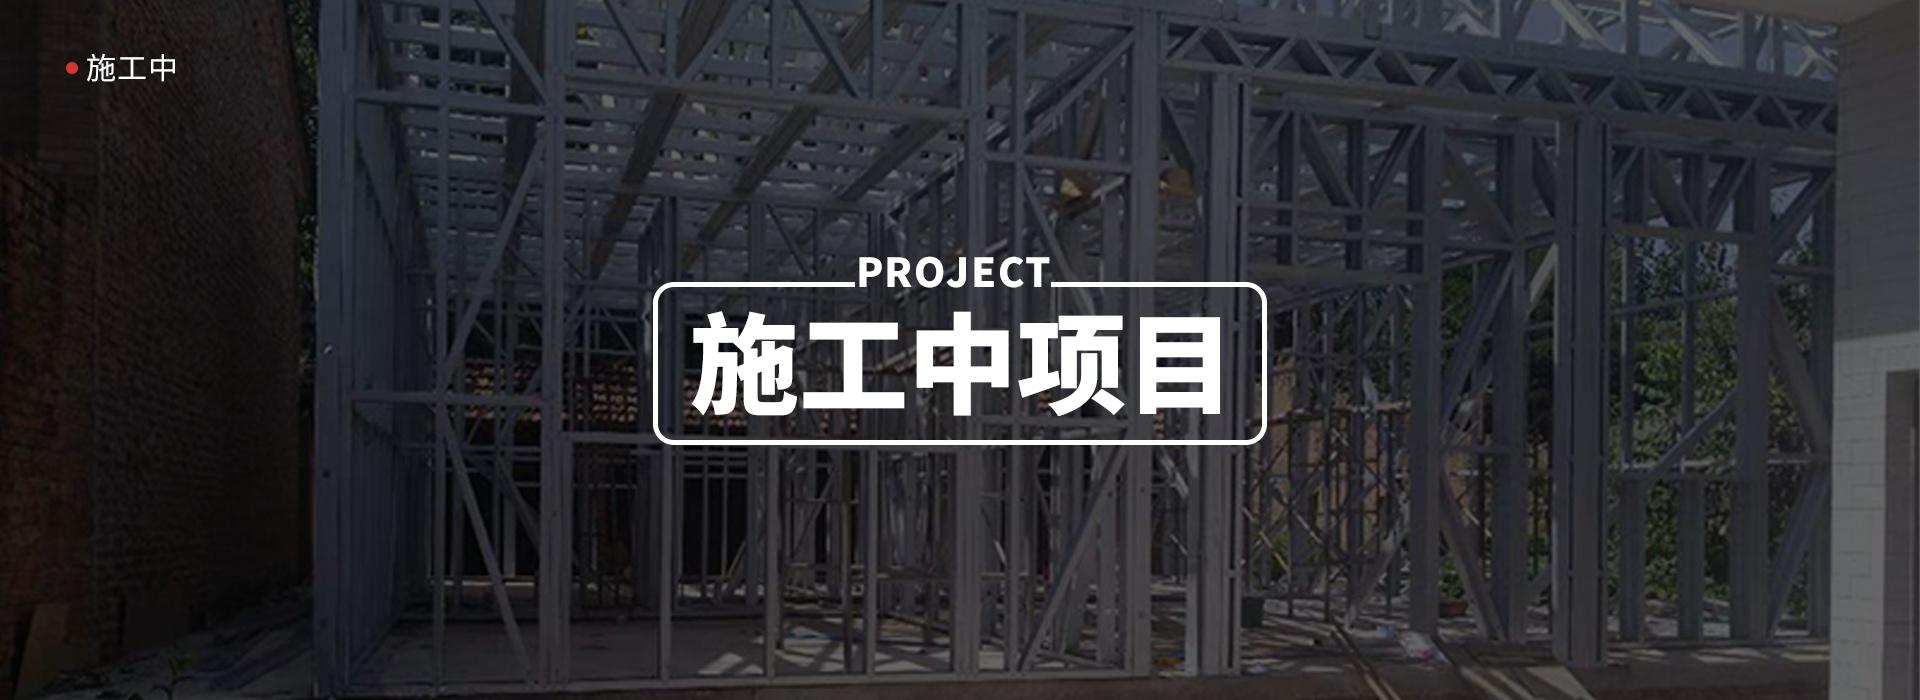 施工中项目